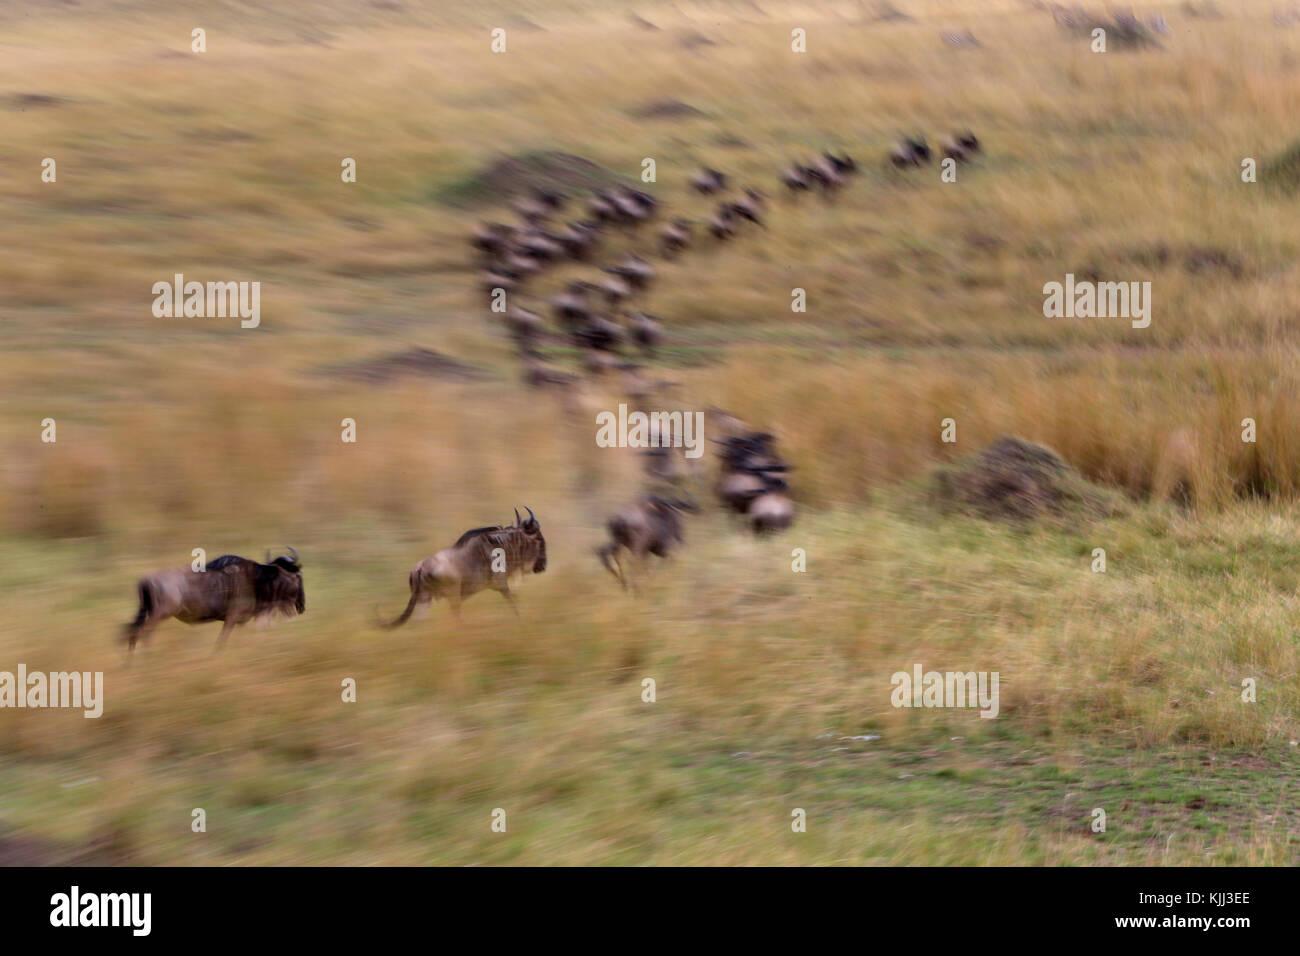 Streifengnu (connochaetes Taurinus) Herde Migration durch die Savanne. Bewegungsunschärfe eines laufenden weißbartgnus. Stockbild